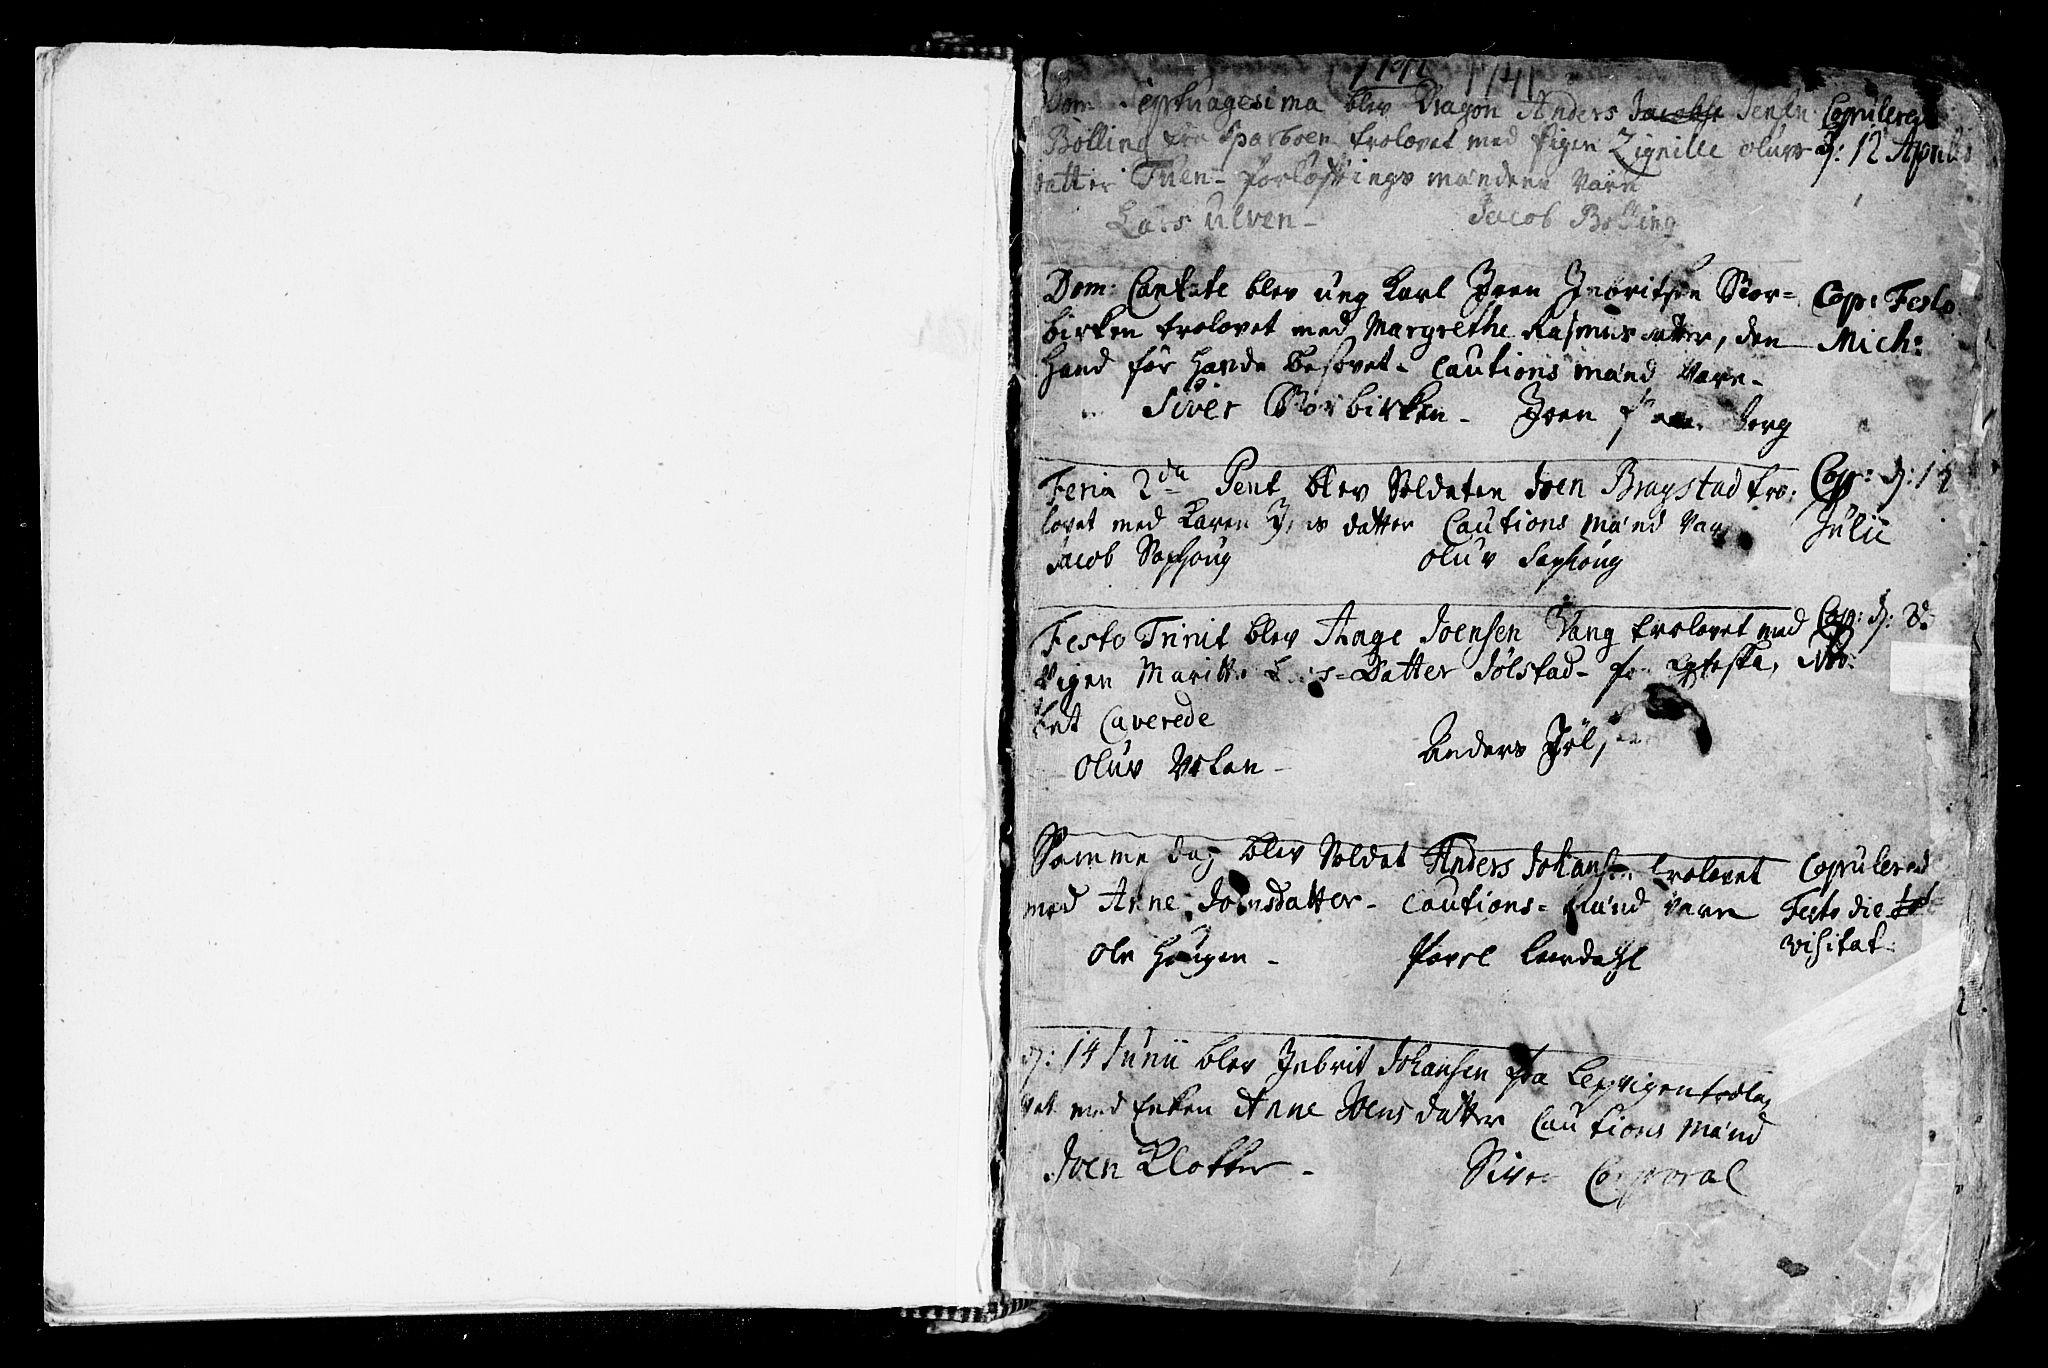 SAT, Ministerialprotokoller, klokkerbøker og fødselsregistre - Nord-Trøndelag, 730/L0272: Ministerialbok nr. 730A01, 1733-1764, s. 1